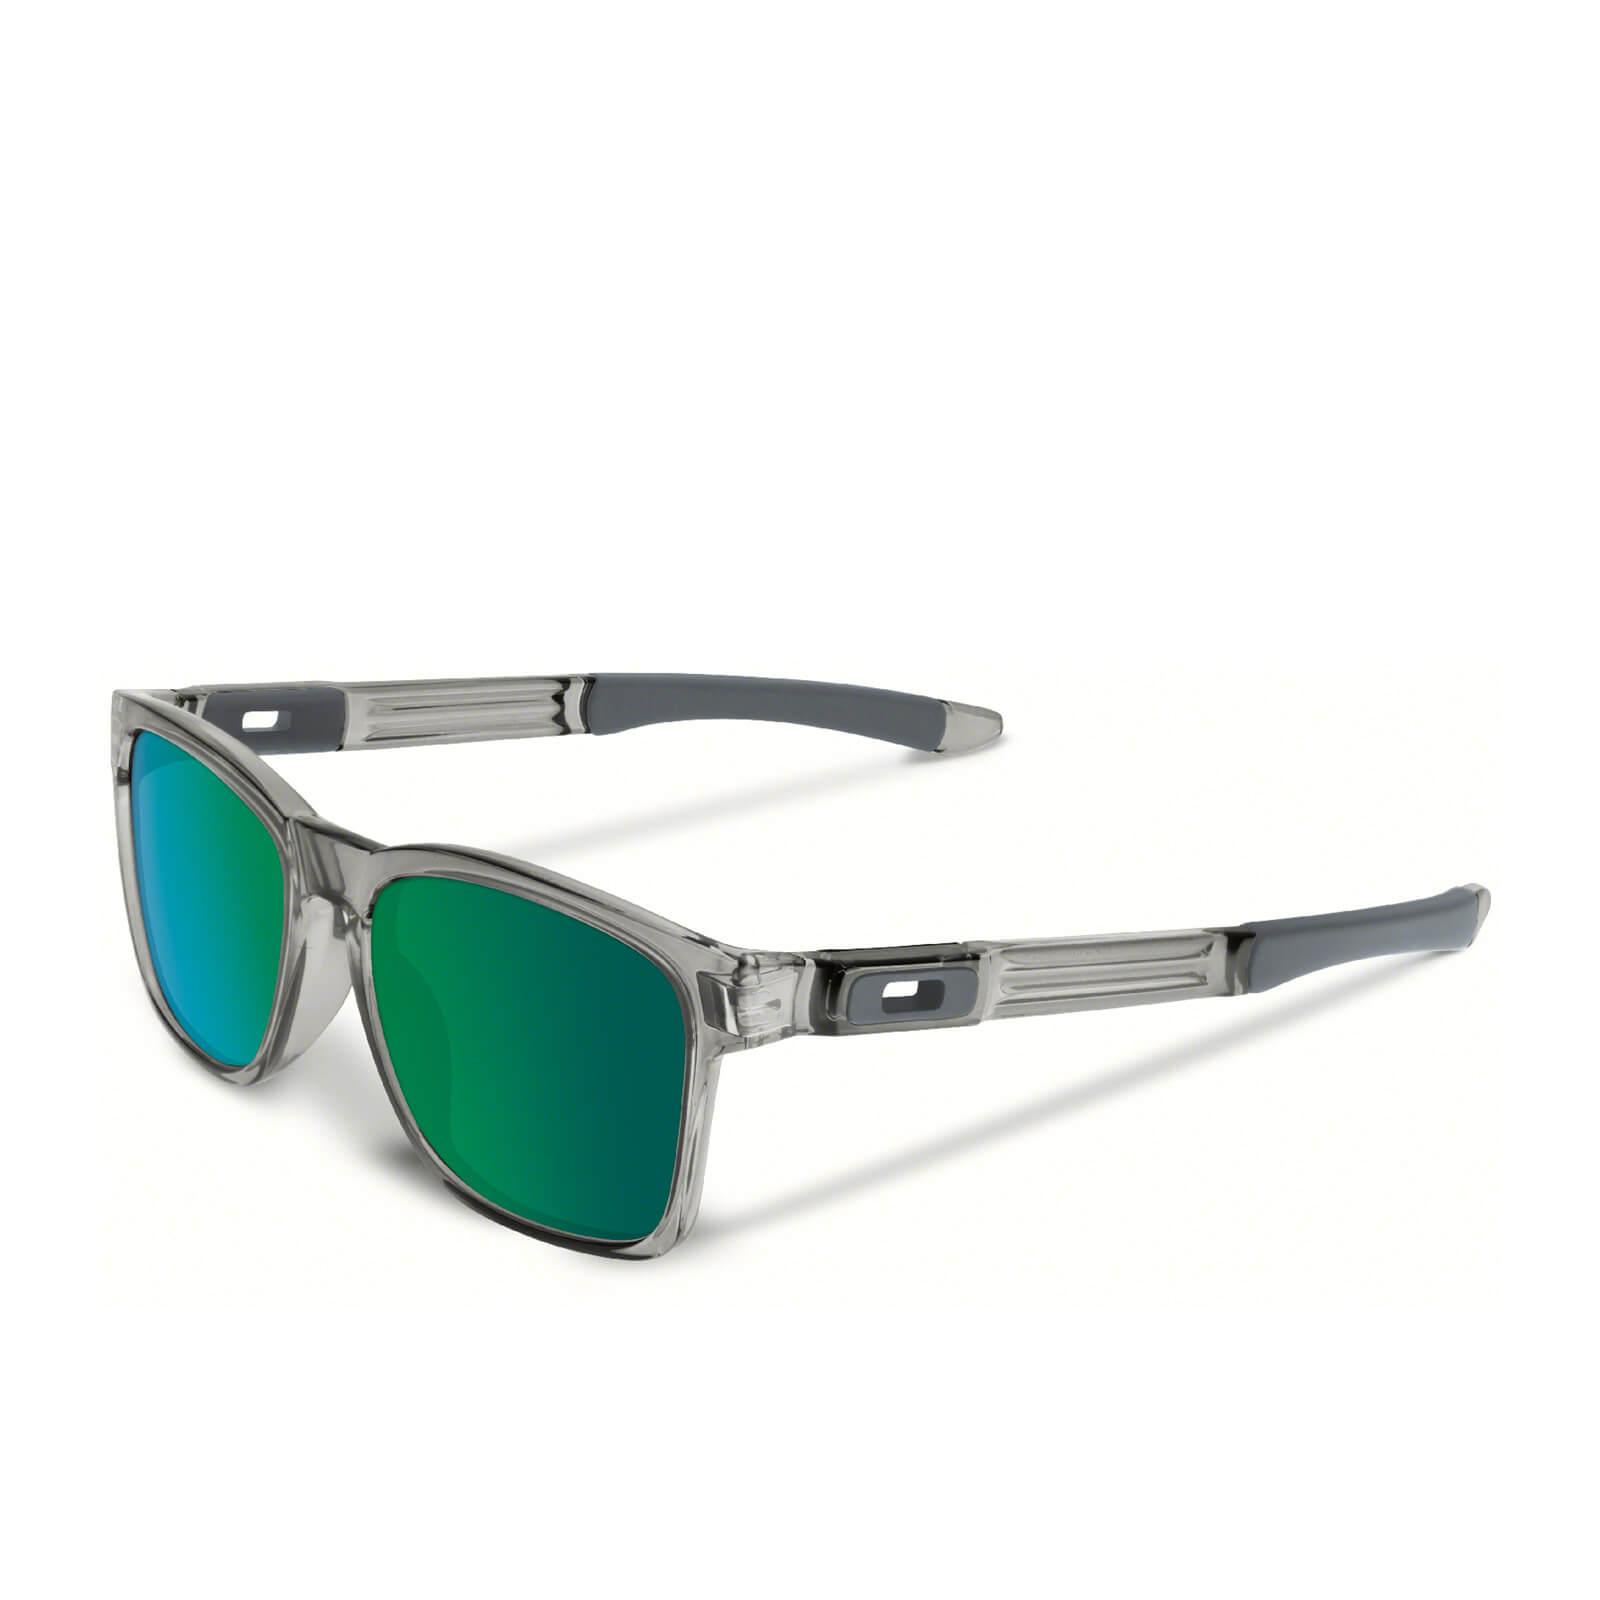 d802184d8b2e8 Oakley Catalyst Sunglasses - Grey Ink Jade Iridium